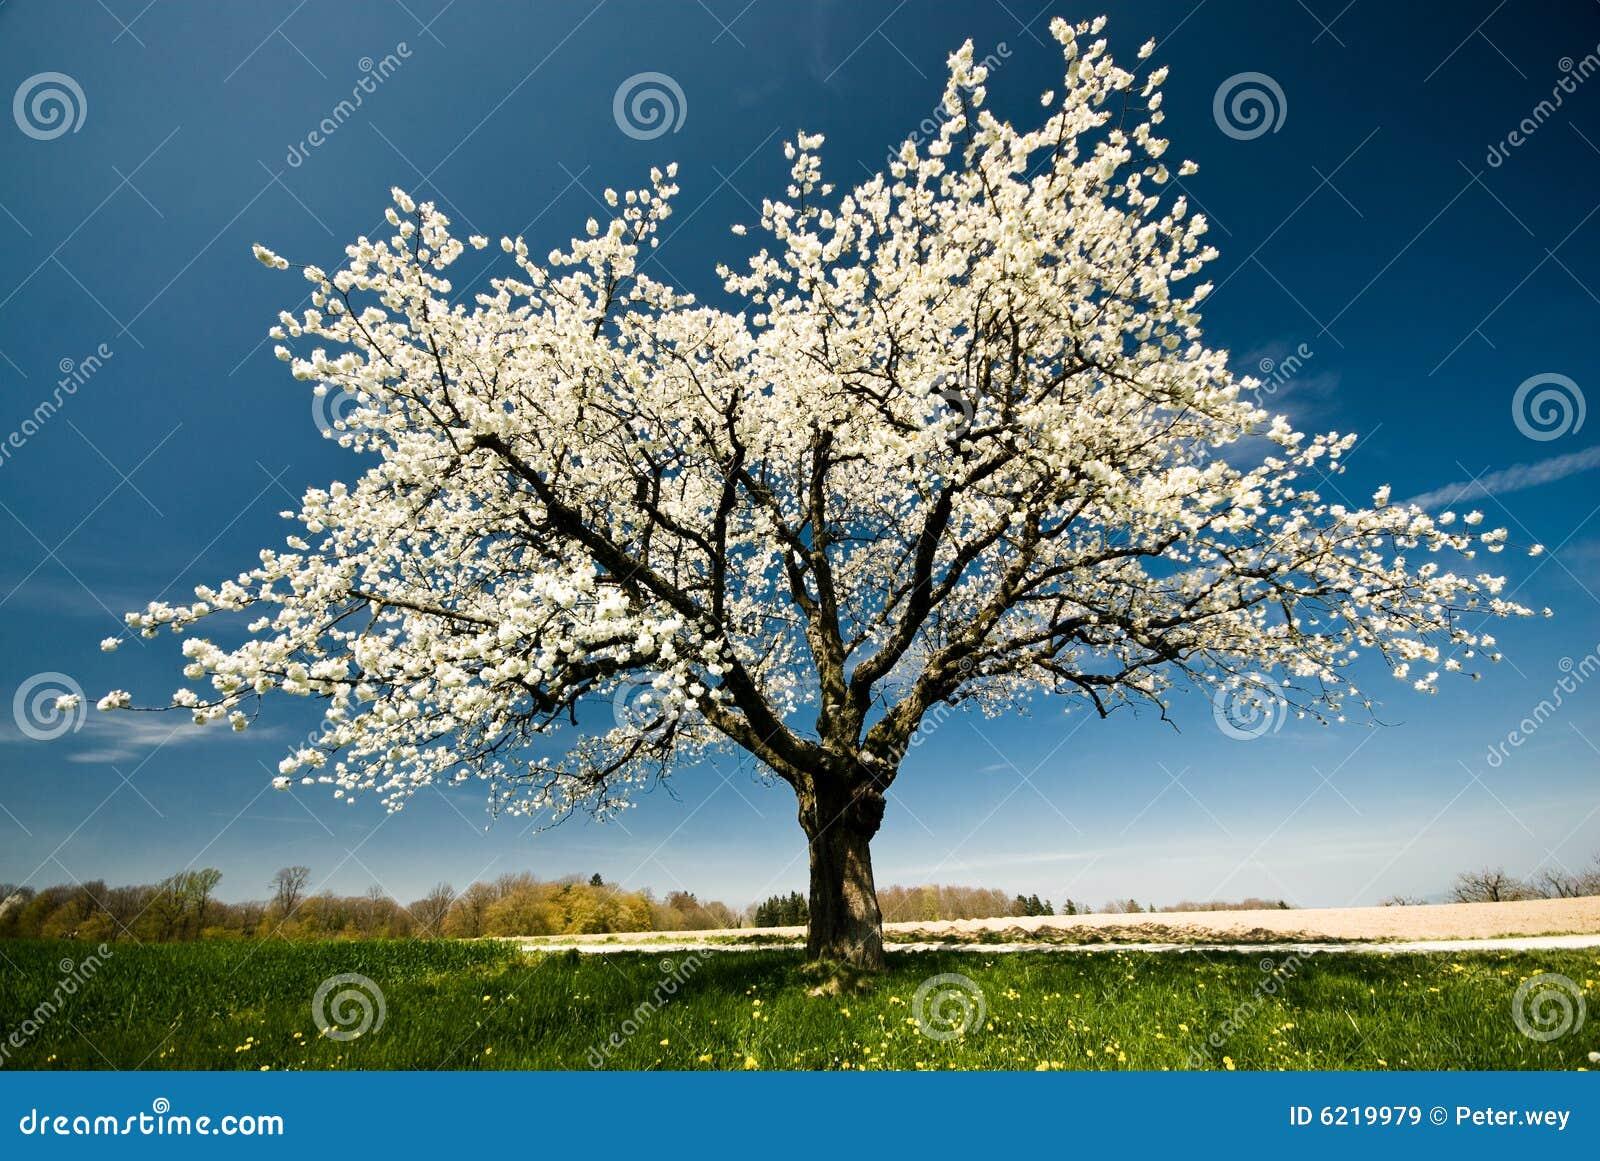 Wiosenne zakwitnąć drzewa